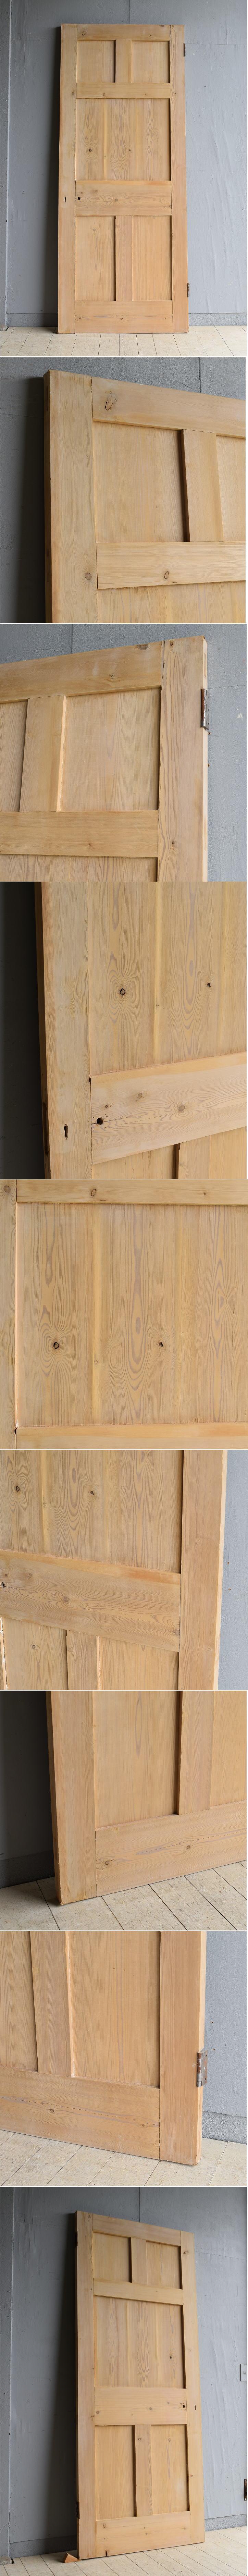 イギリス アンティーク オールドパイン ドア 扉 建具 7954